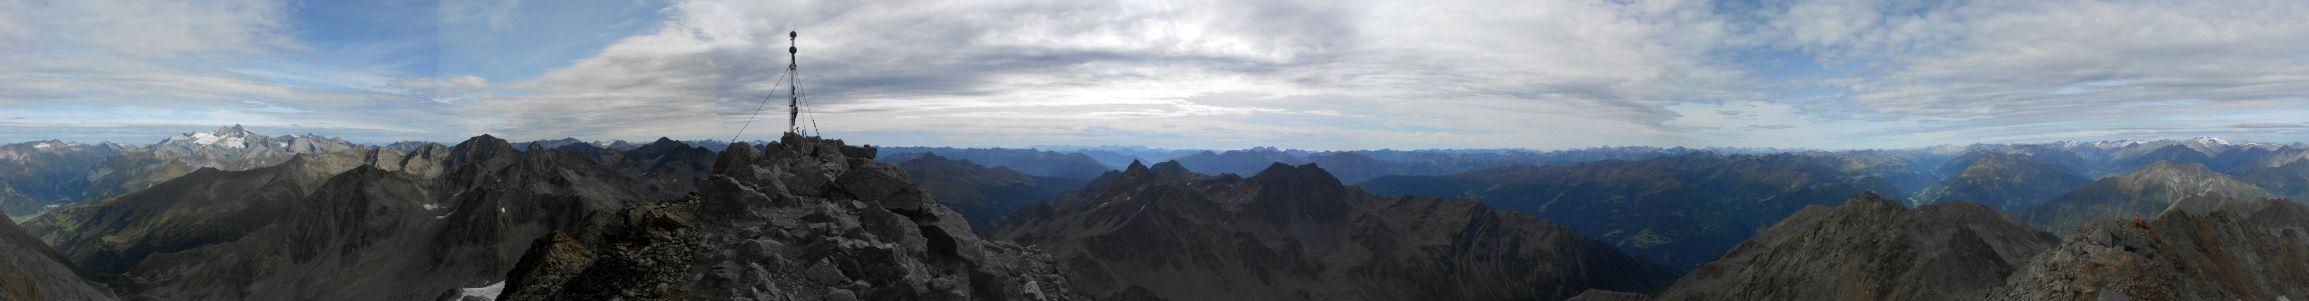 PanoramaHochschober